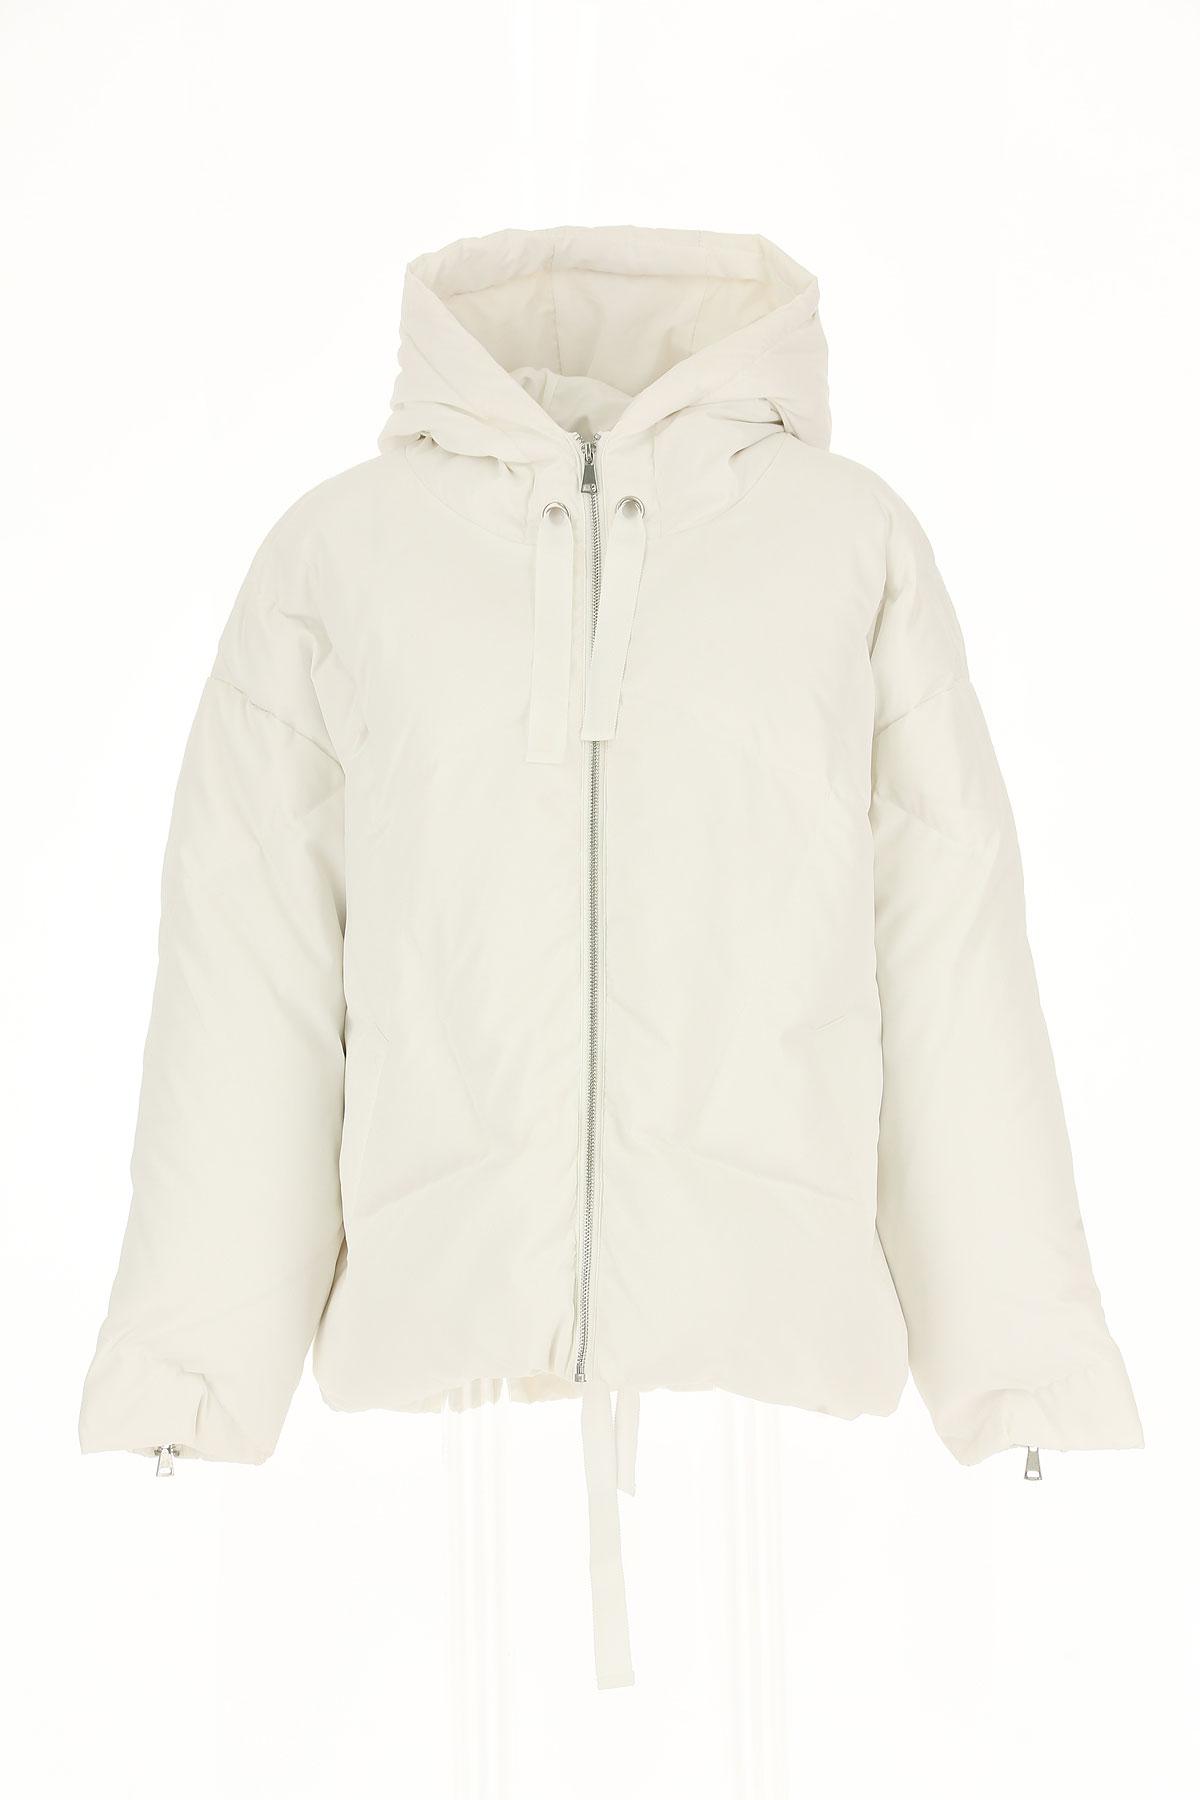 Image of ESSENTIEL Antwerp Down Jacket for Women, Puffer Ski Jacket, White, polyamide, 2017, 4 6